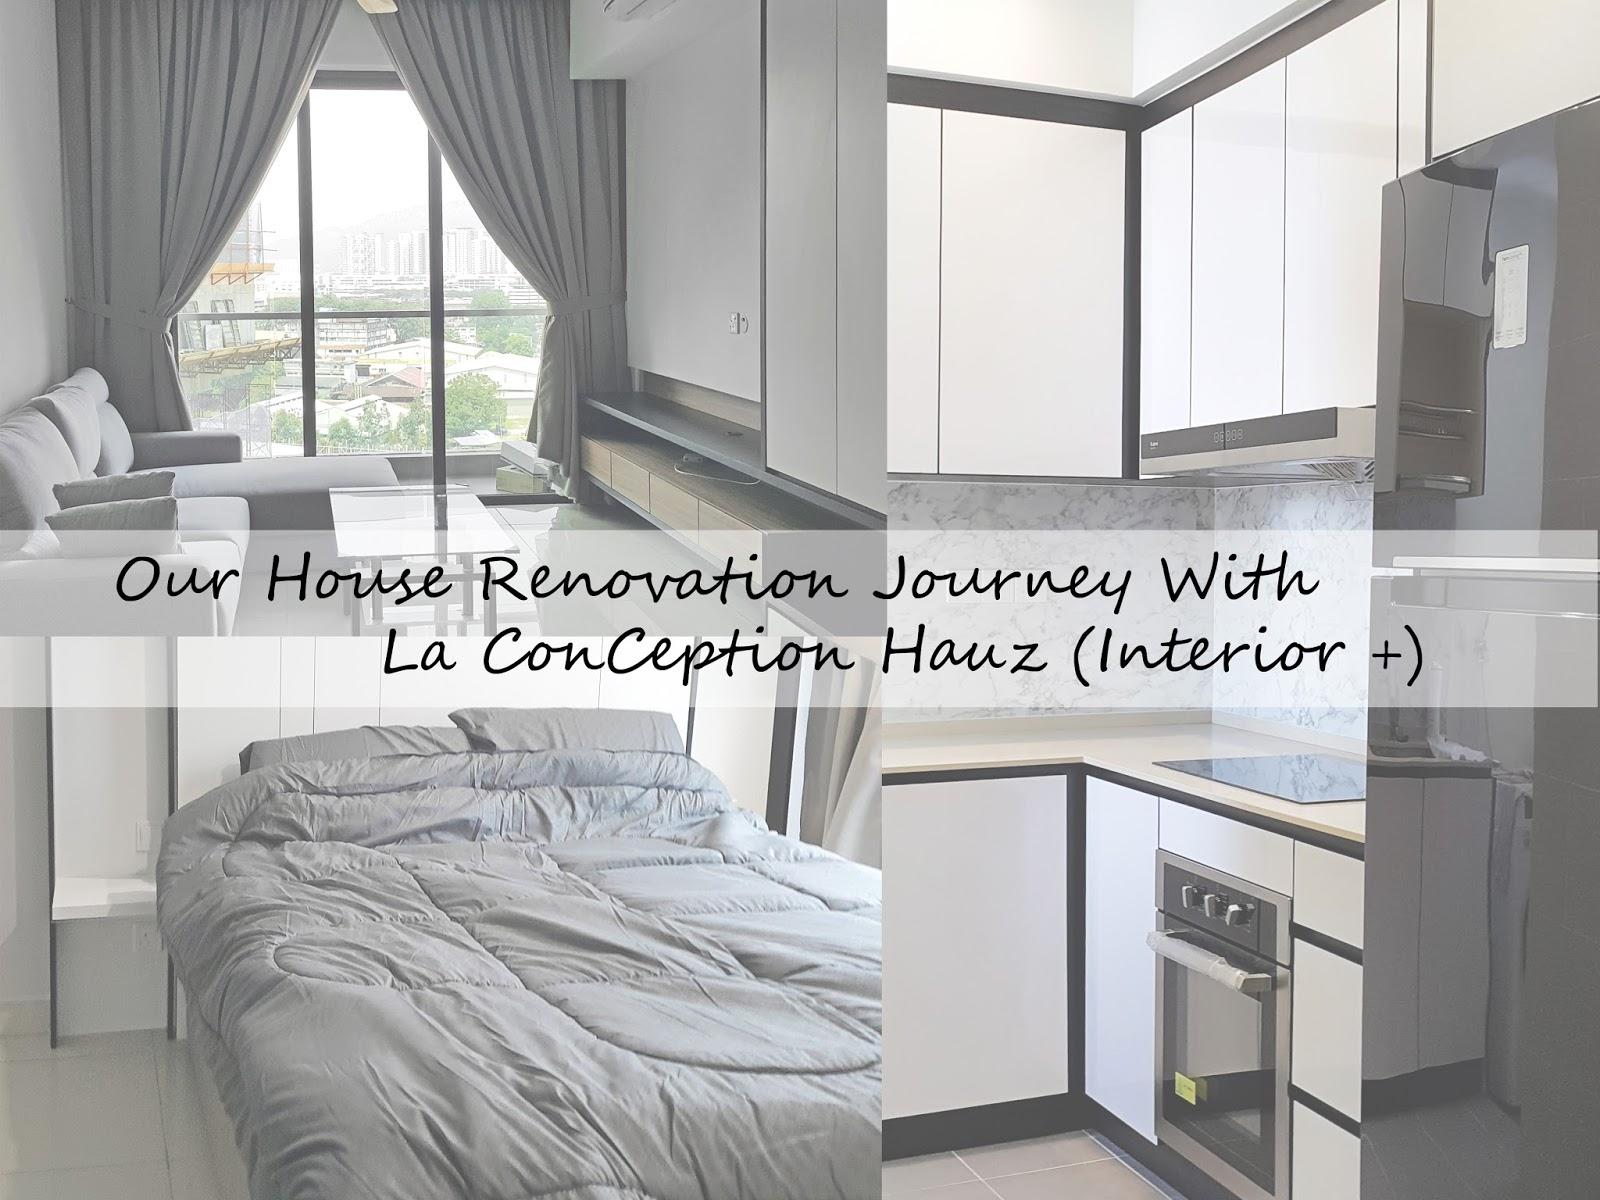 Our House Renovation Journey With La Conception Hauz Interior